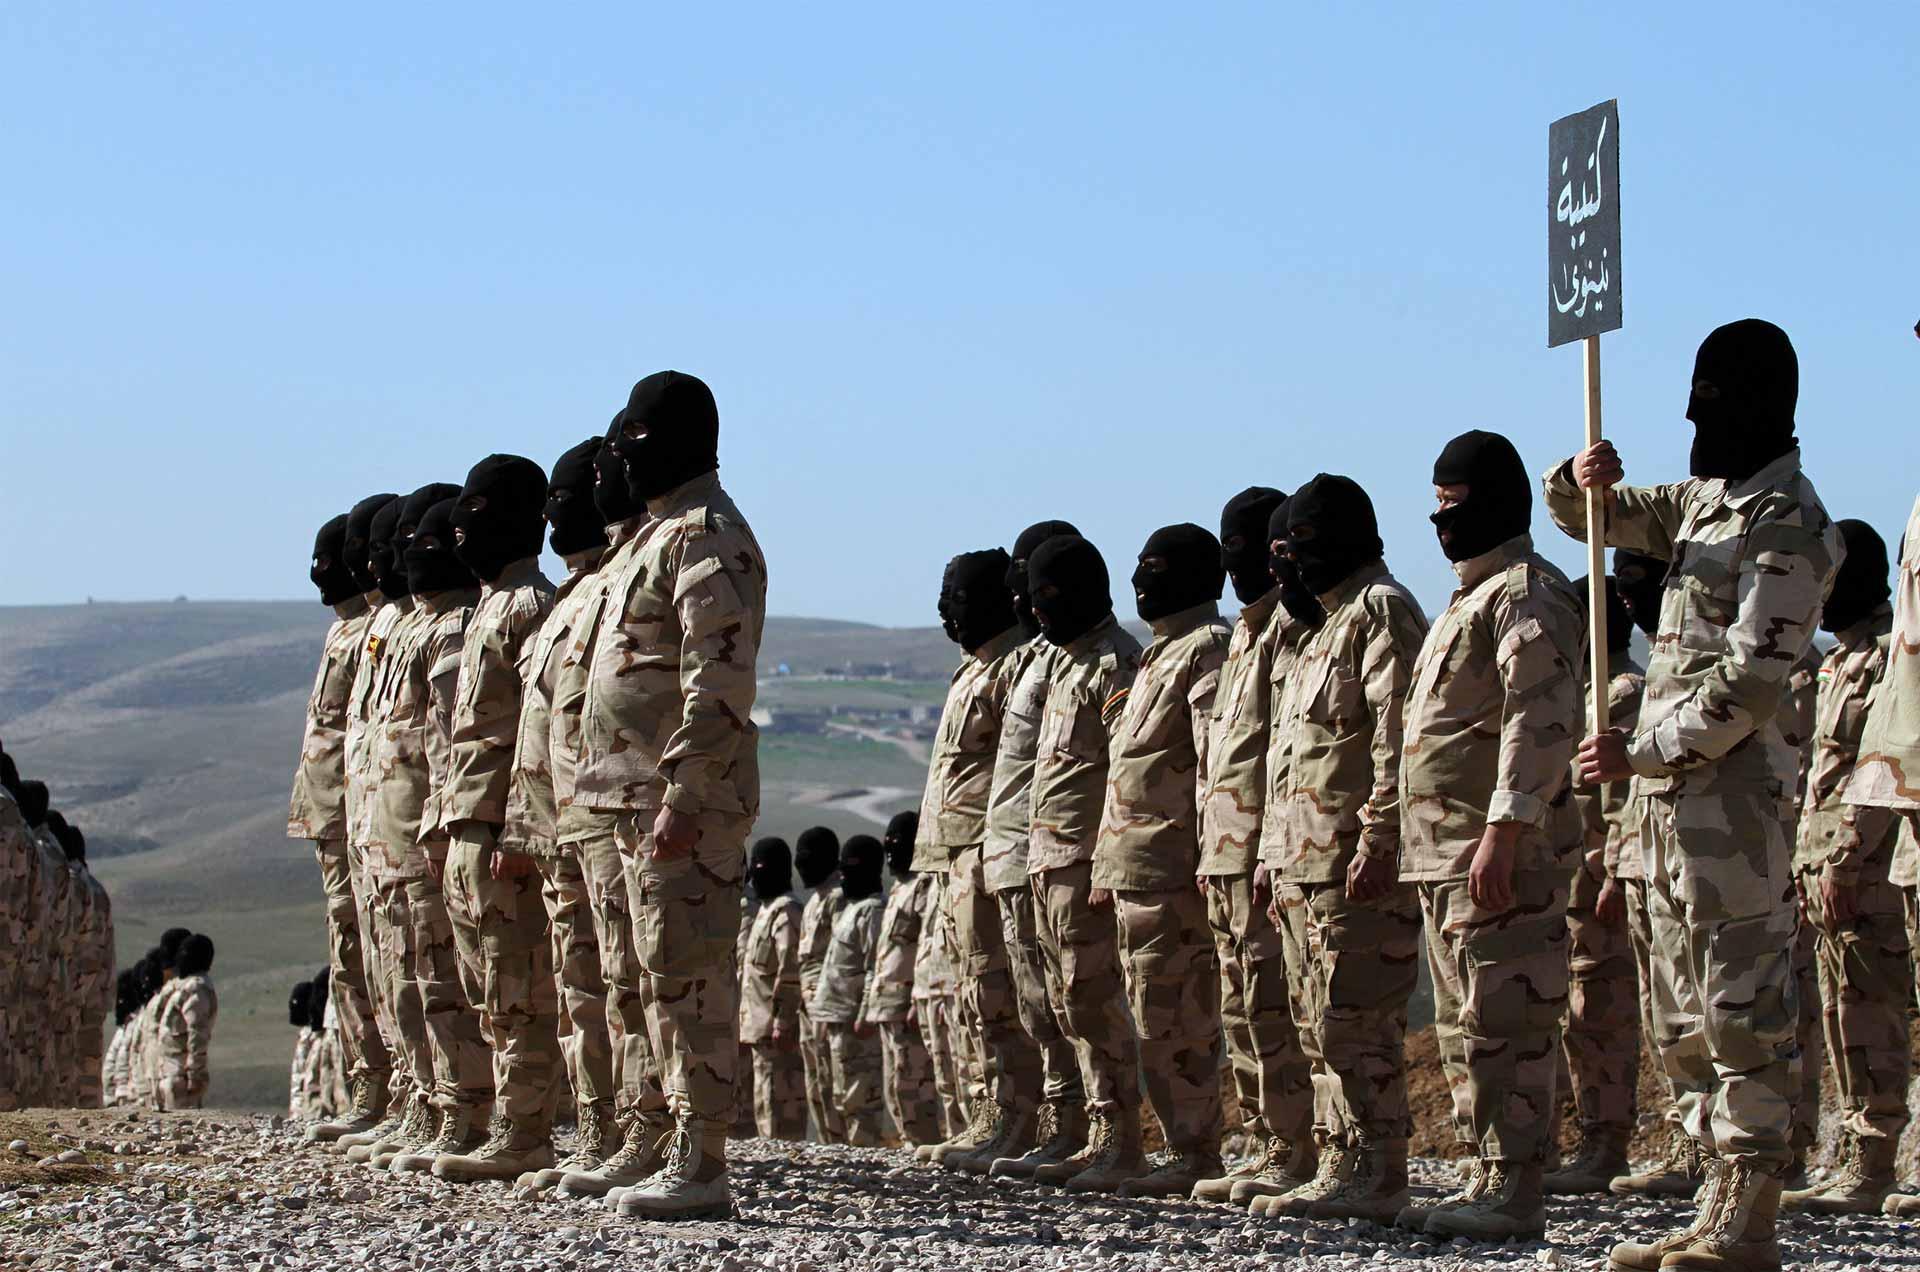 La cifra de extranjeros que luchan en grupos terroristas en Siria e Irak se ha duplicado desde mediados del 2014